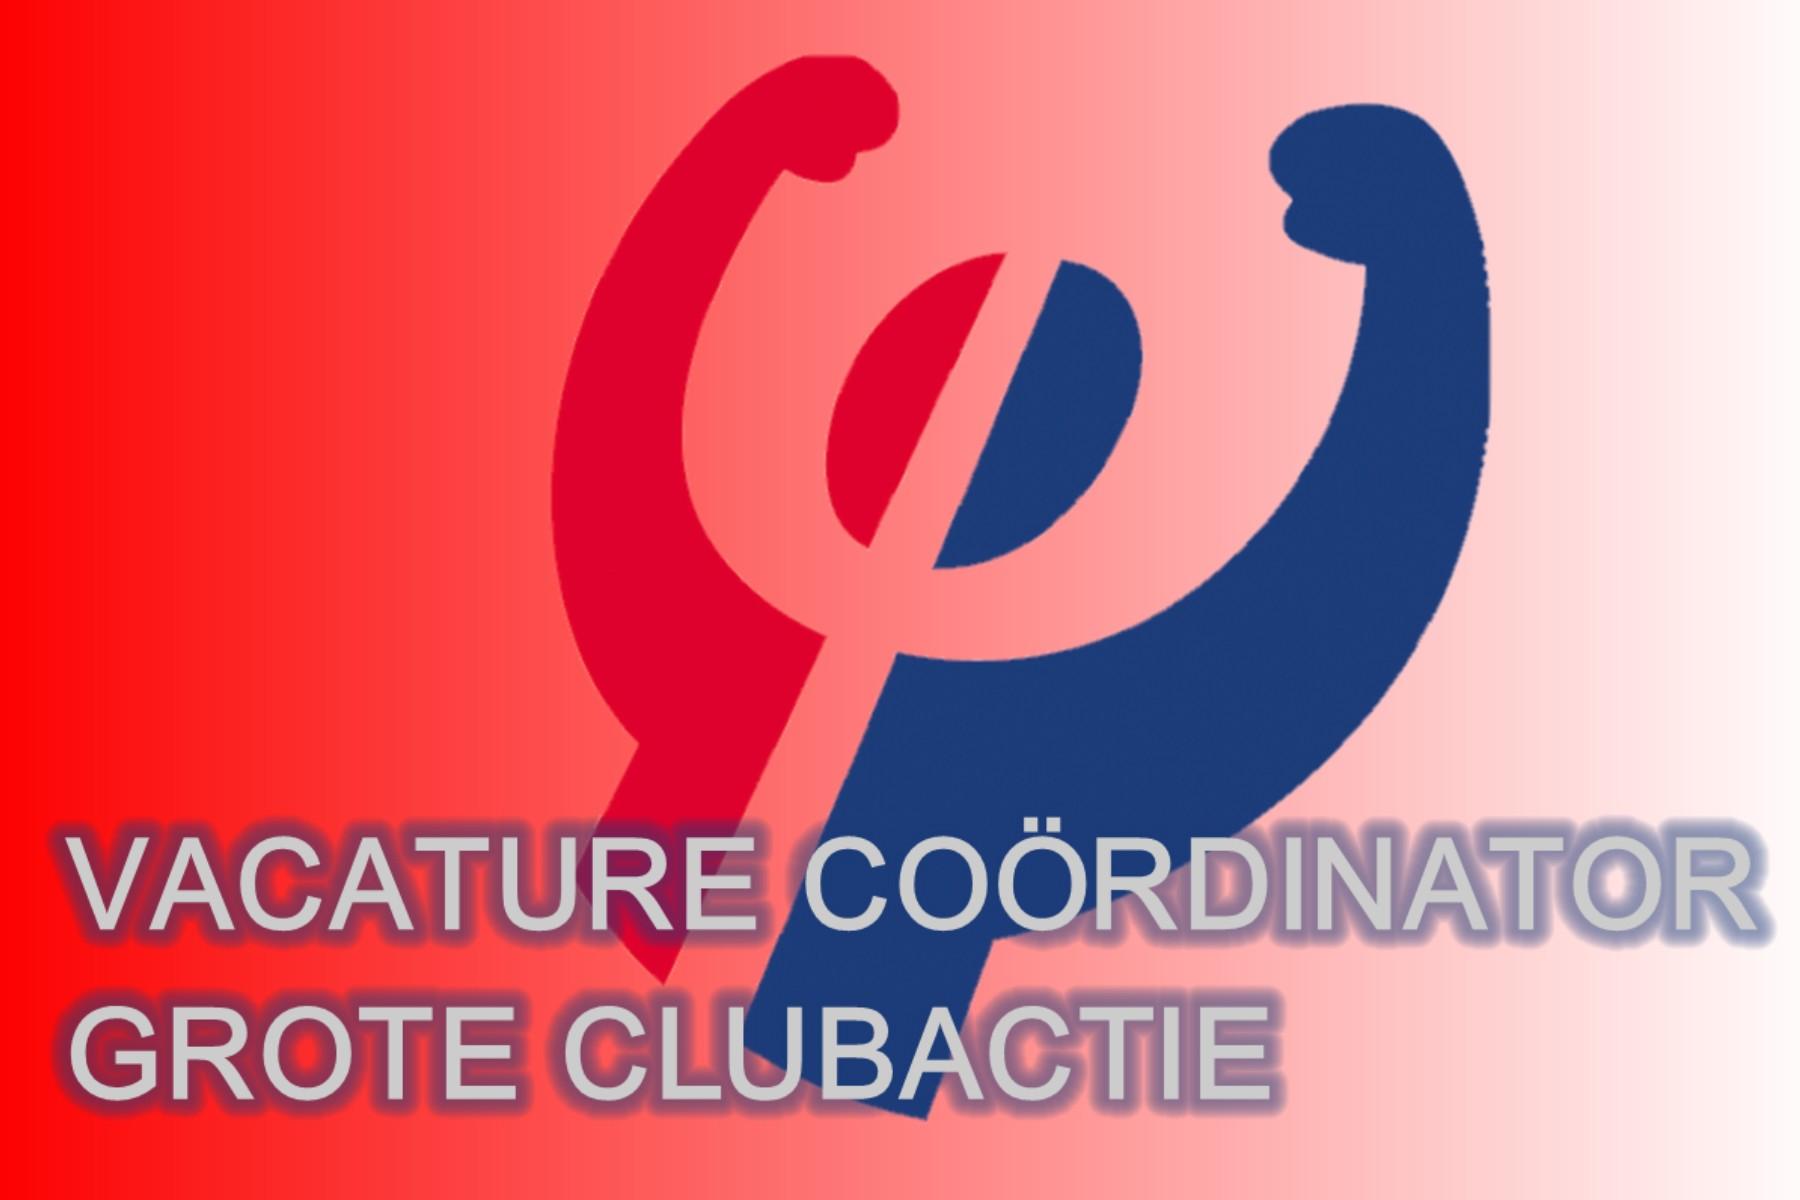 Vacature Coördinator Grote Clubactie